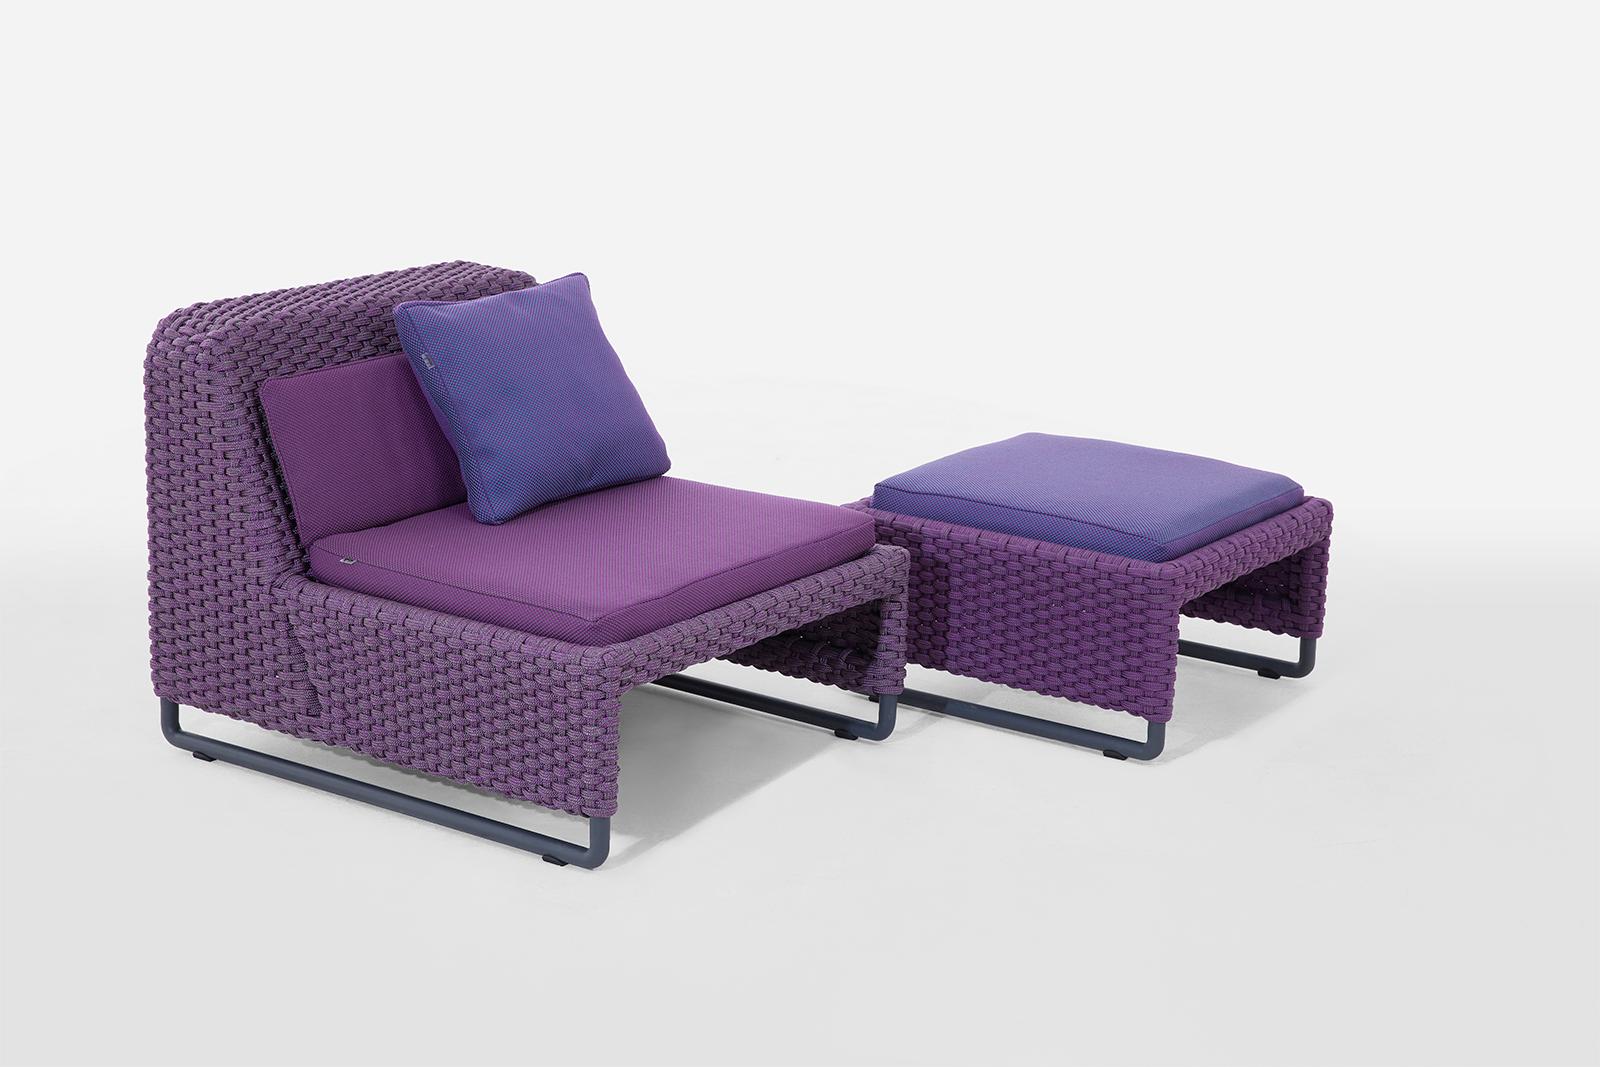 More Sofa